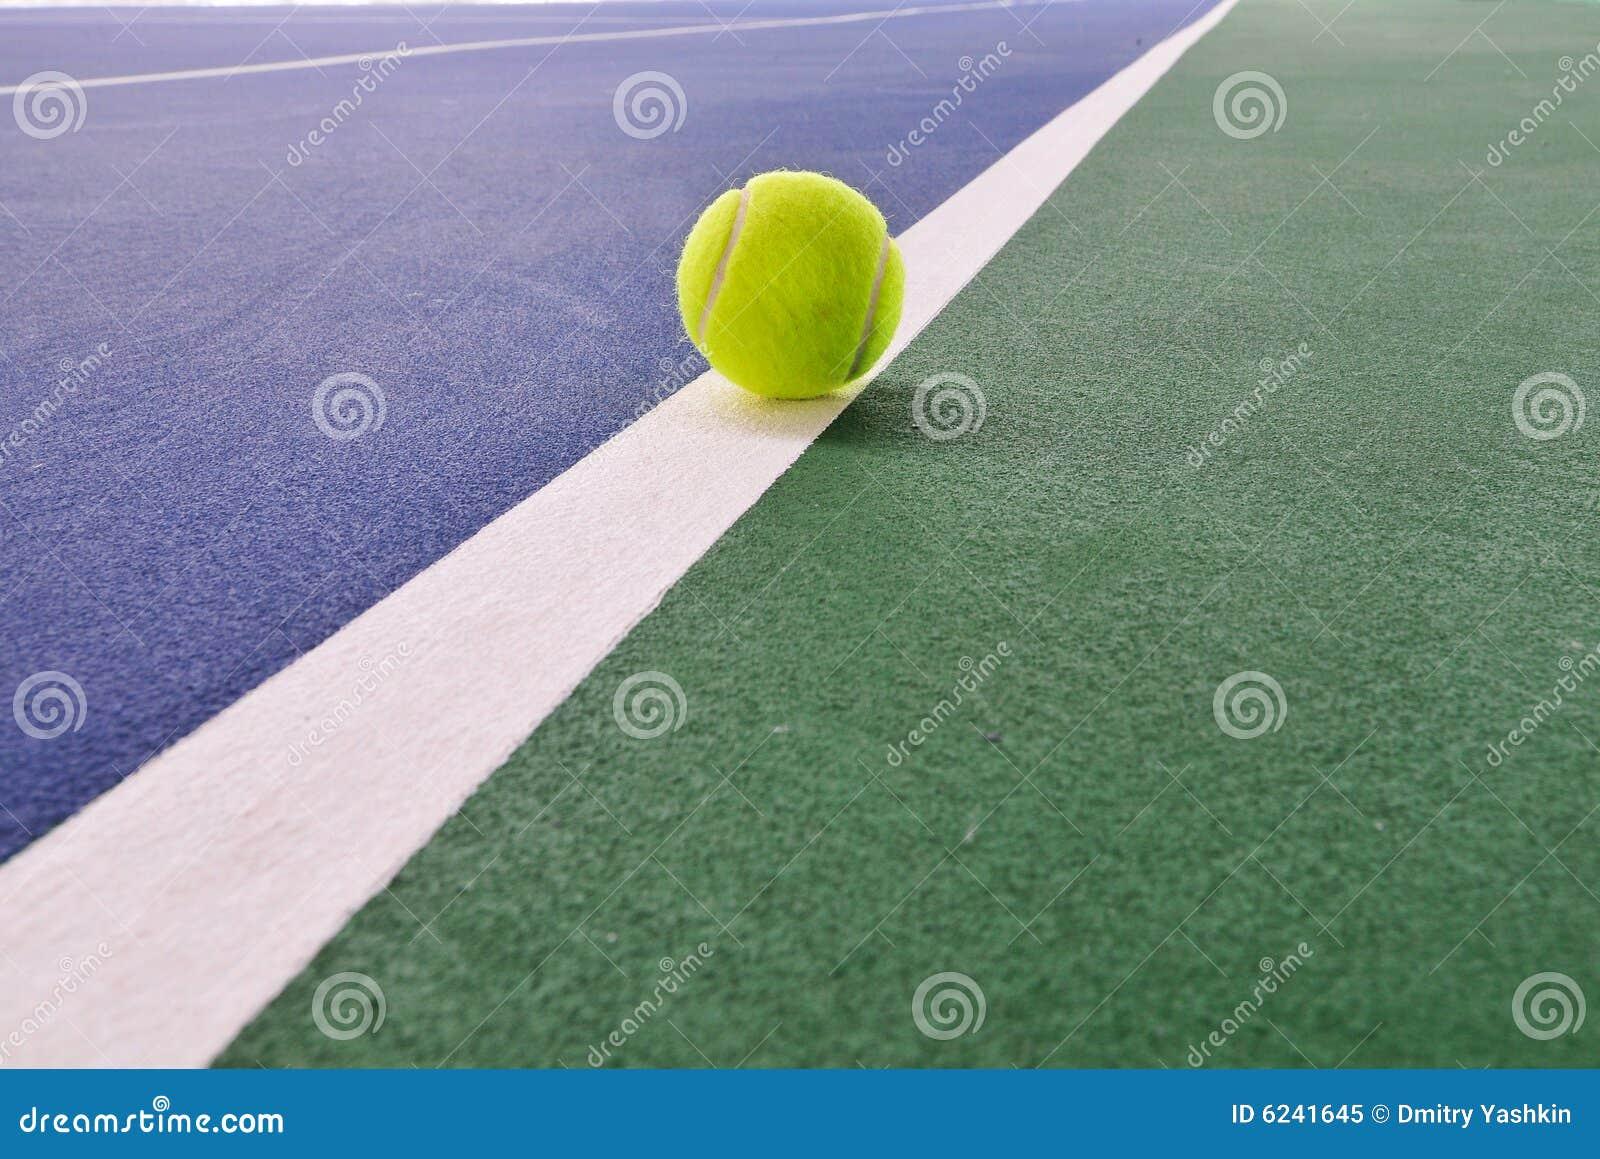 Pelota de tenis en el campo de tenis